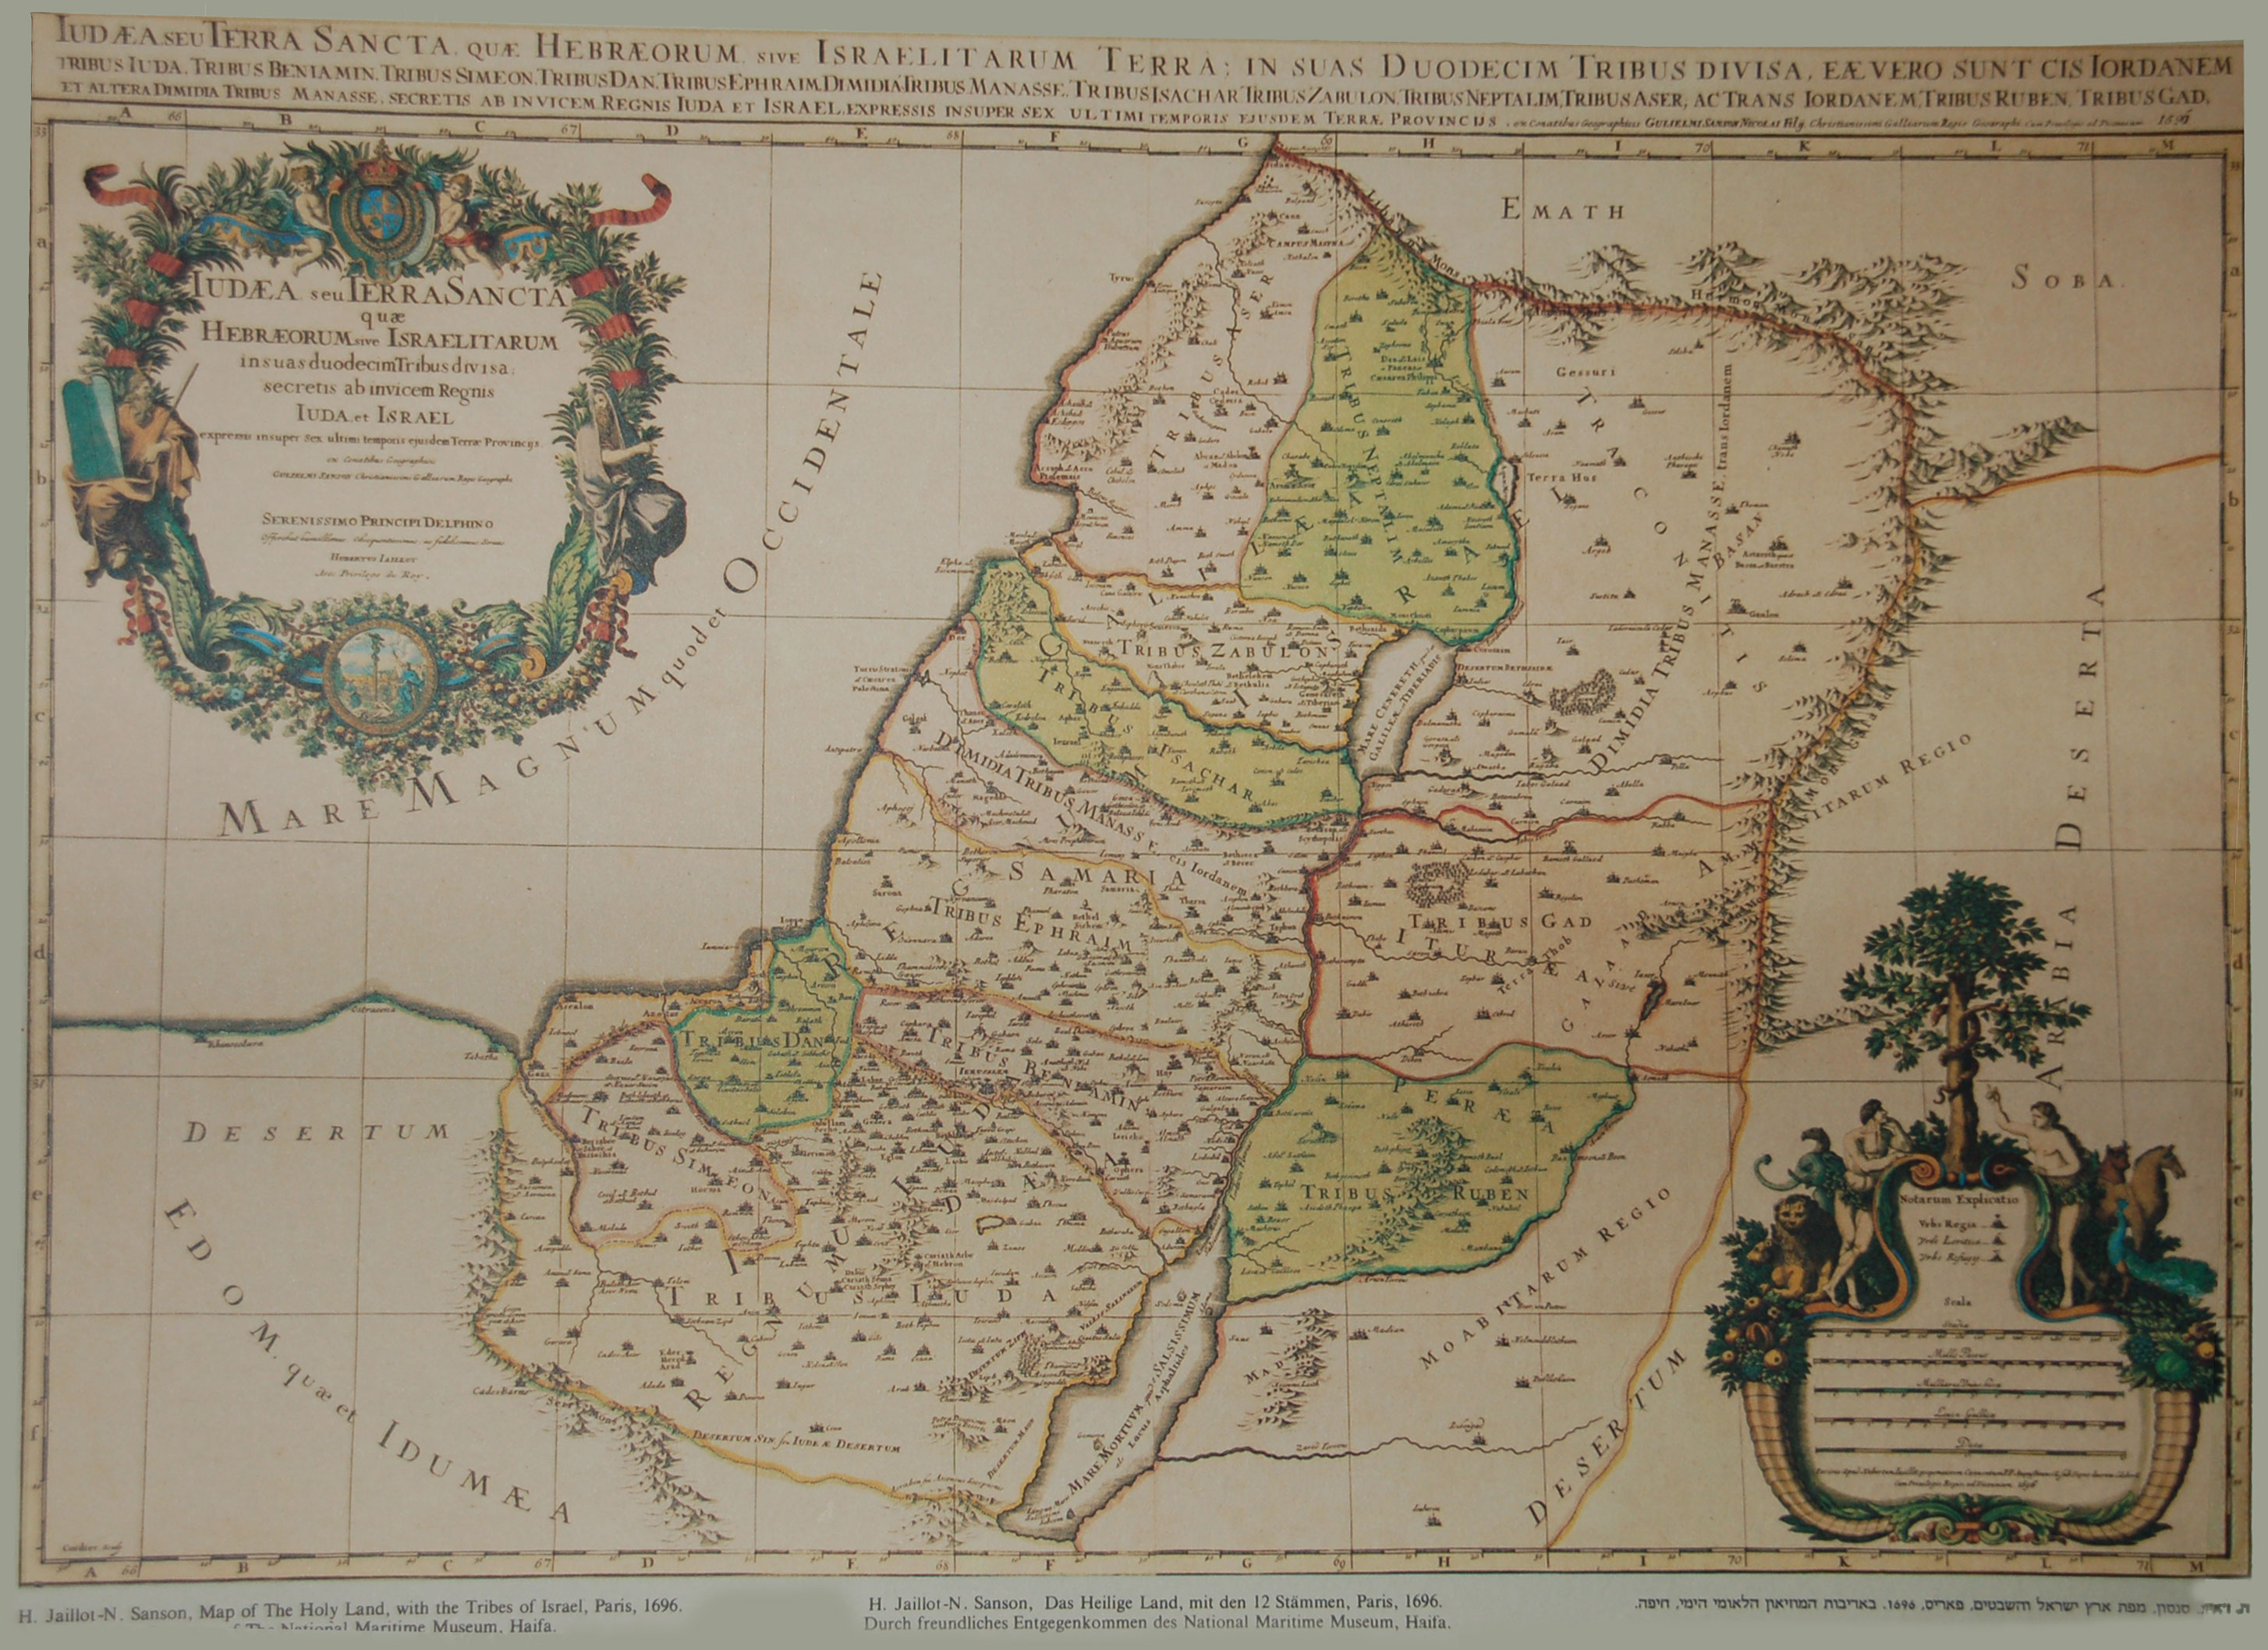 Detalles del mapa